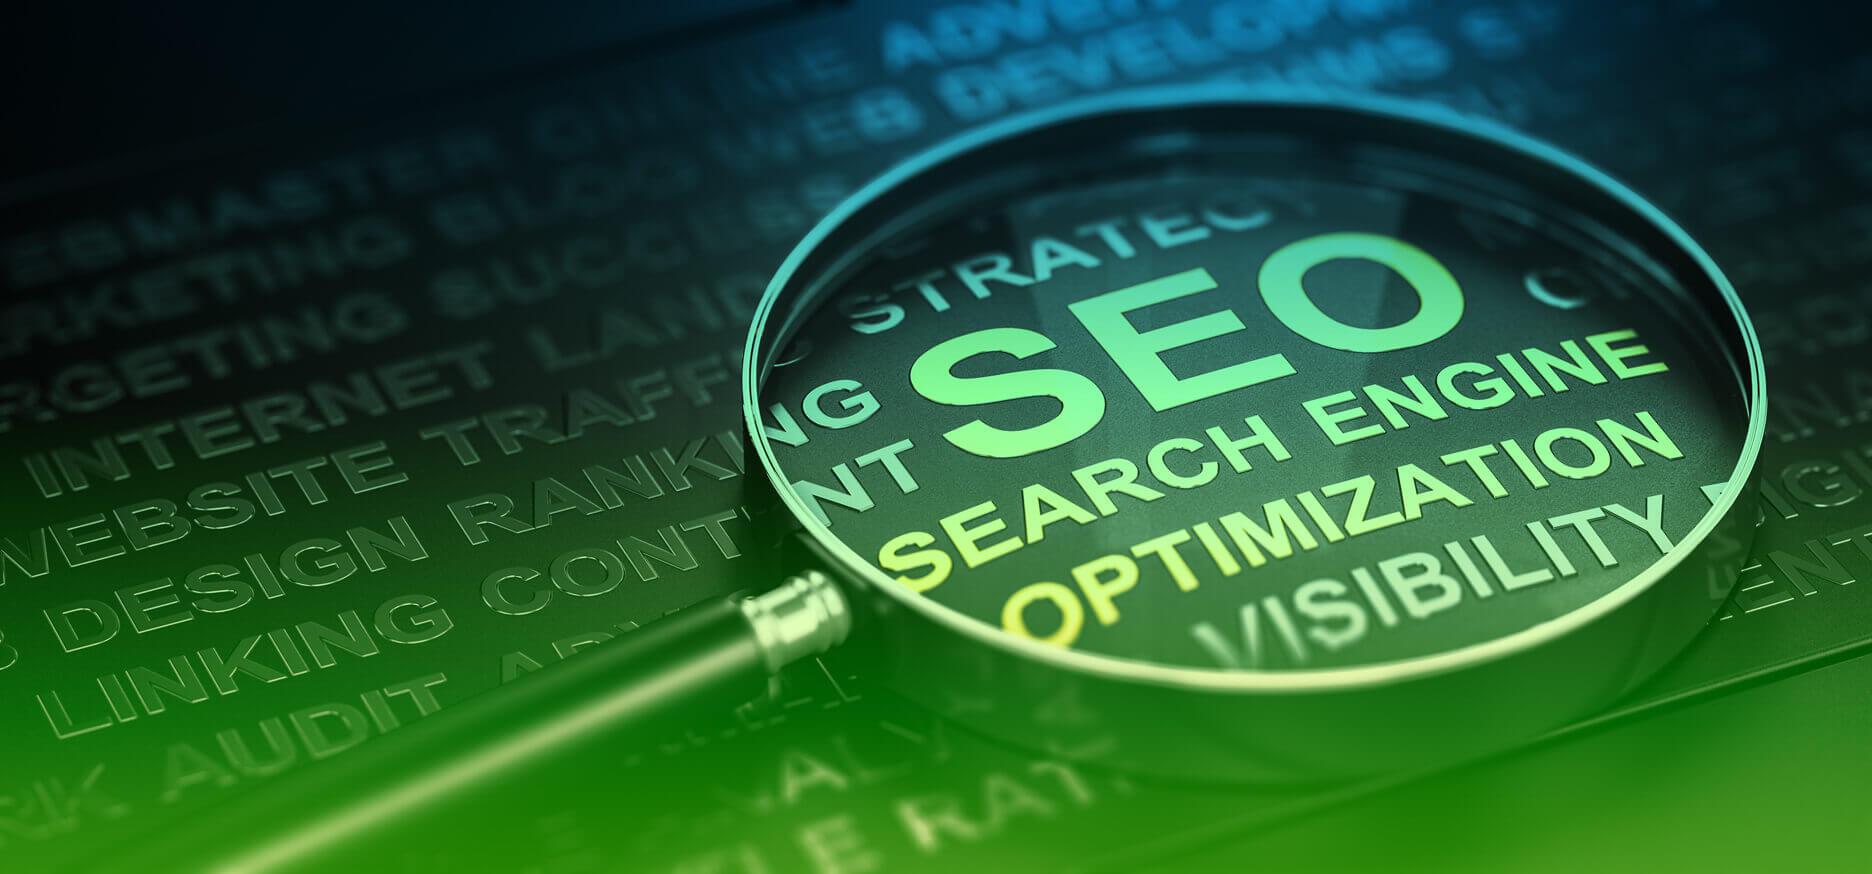 Bei der Onpage-SEO werden die einzelnen Elemente einer Webseite optimiert.